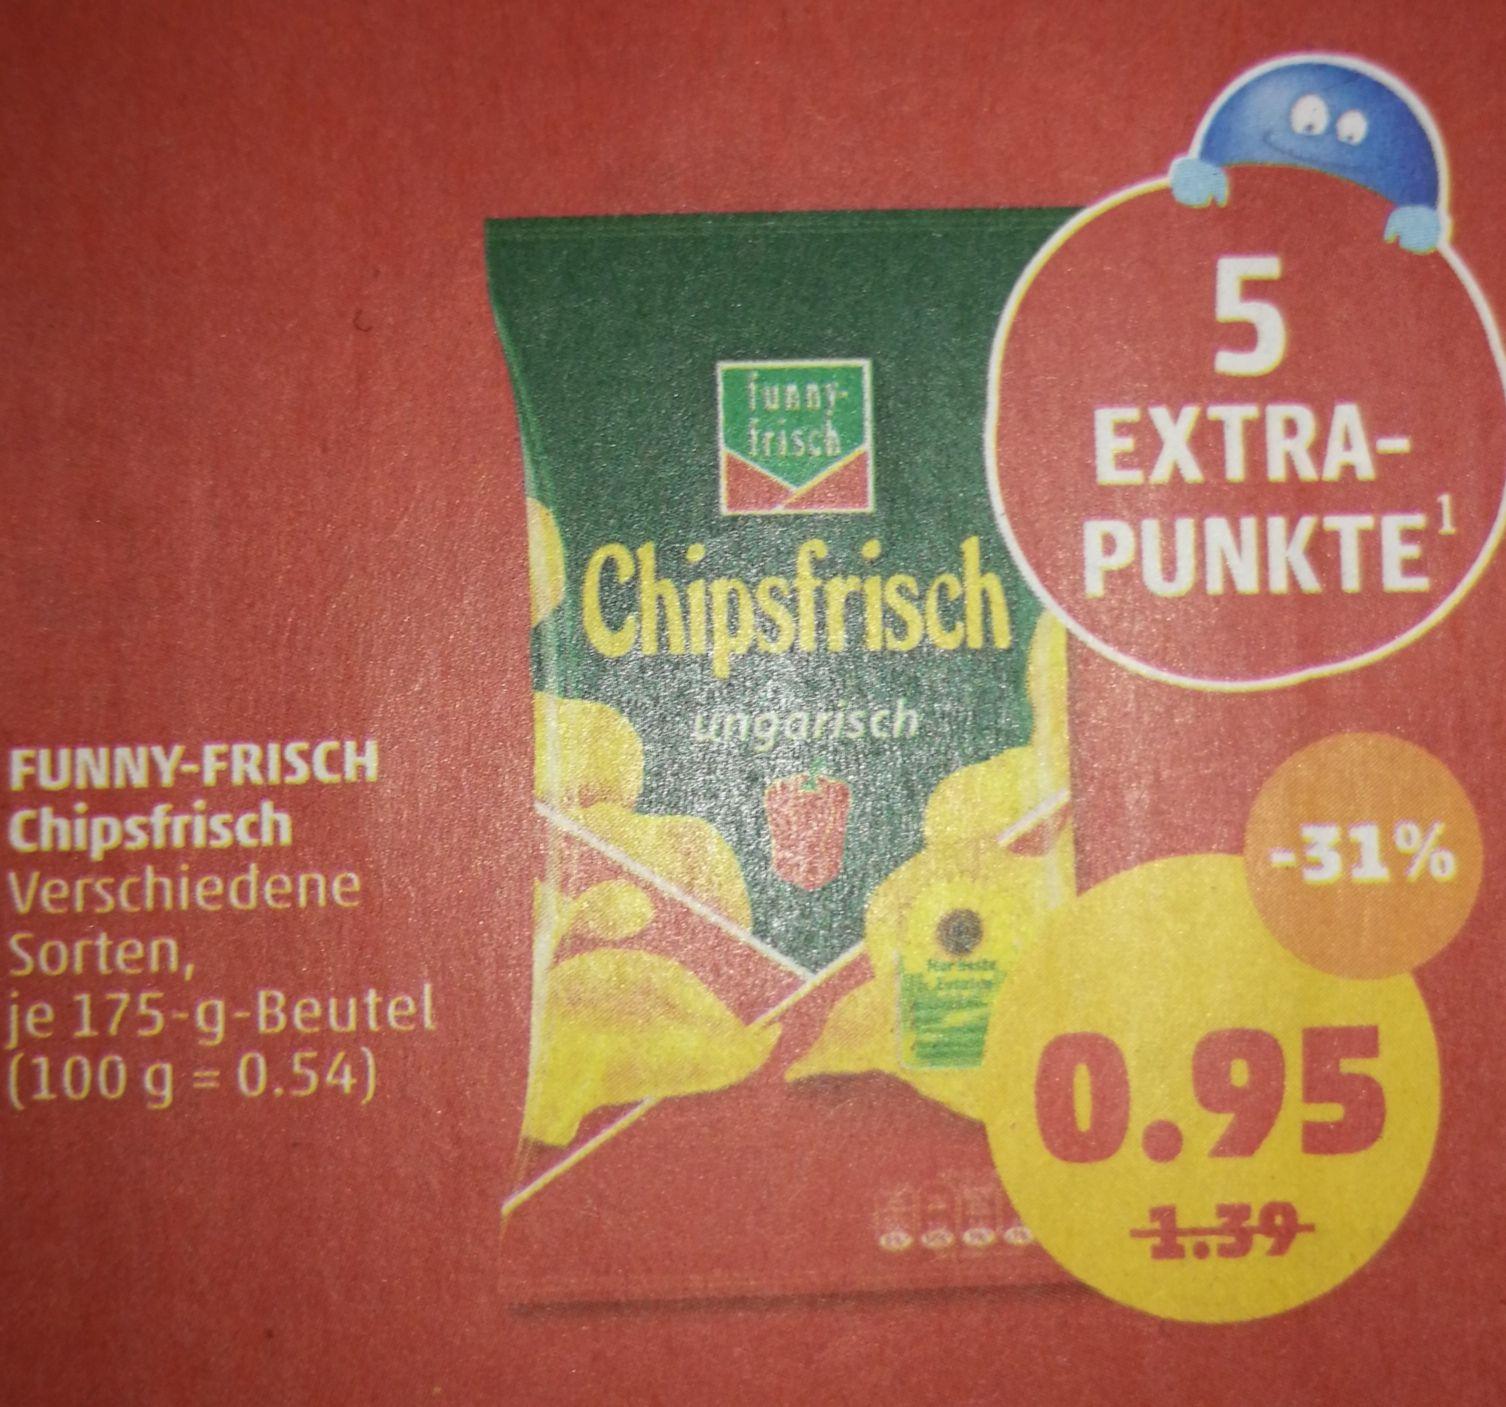 Funnyfrisch Chips Bei Penny für 95 Cent (plus 5 Payback Punkte)